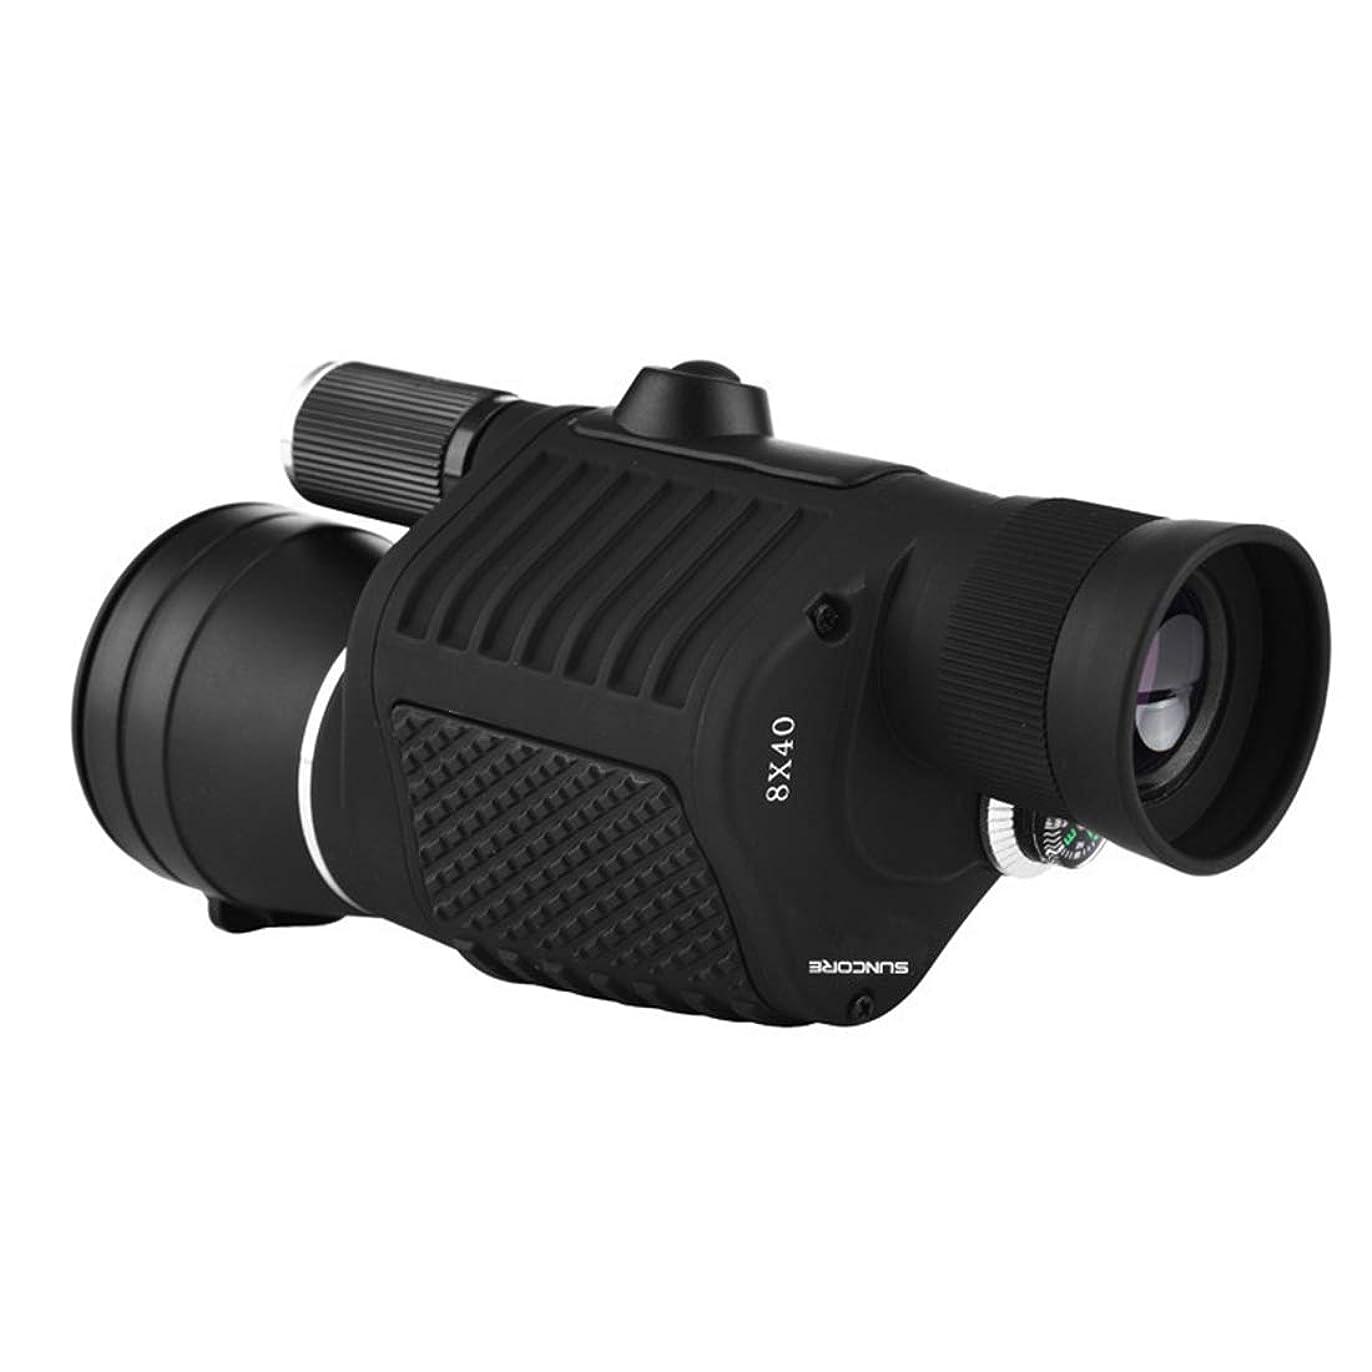 樹木スピーカー必要性RABILTY 8x40 単眼望遠鏡 - ハイパワー BAK4 プリズム FMC コート オードル用単眼鏡 バードウォッチング ハイキング コンサート